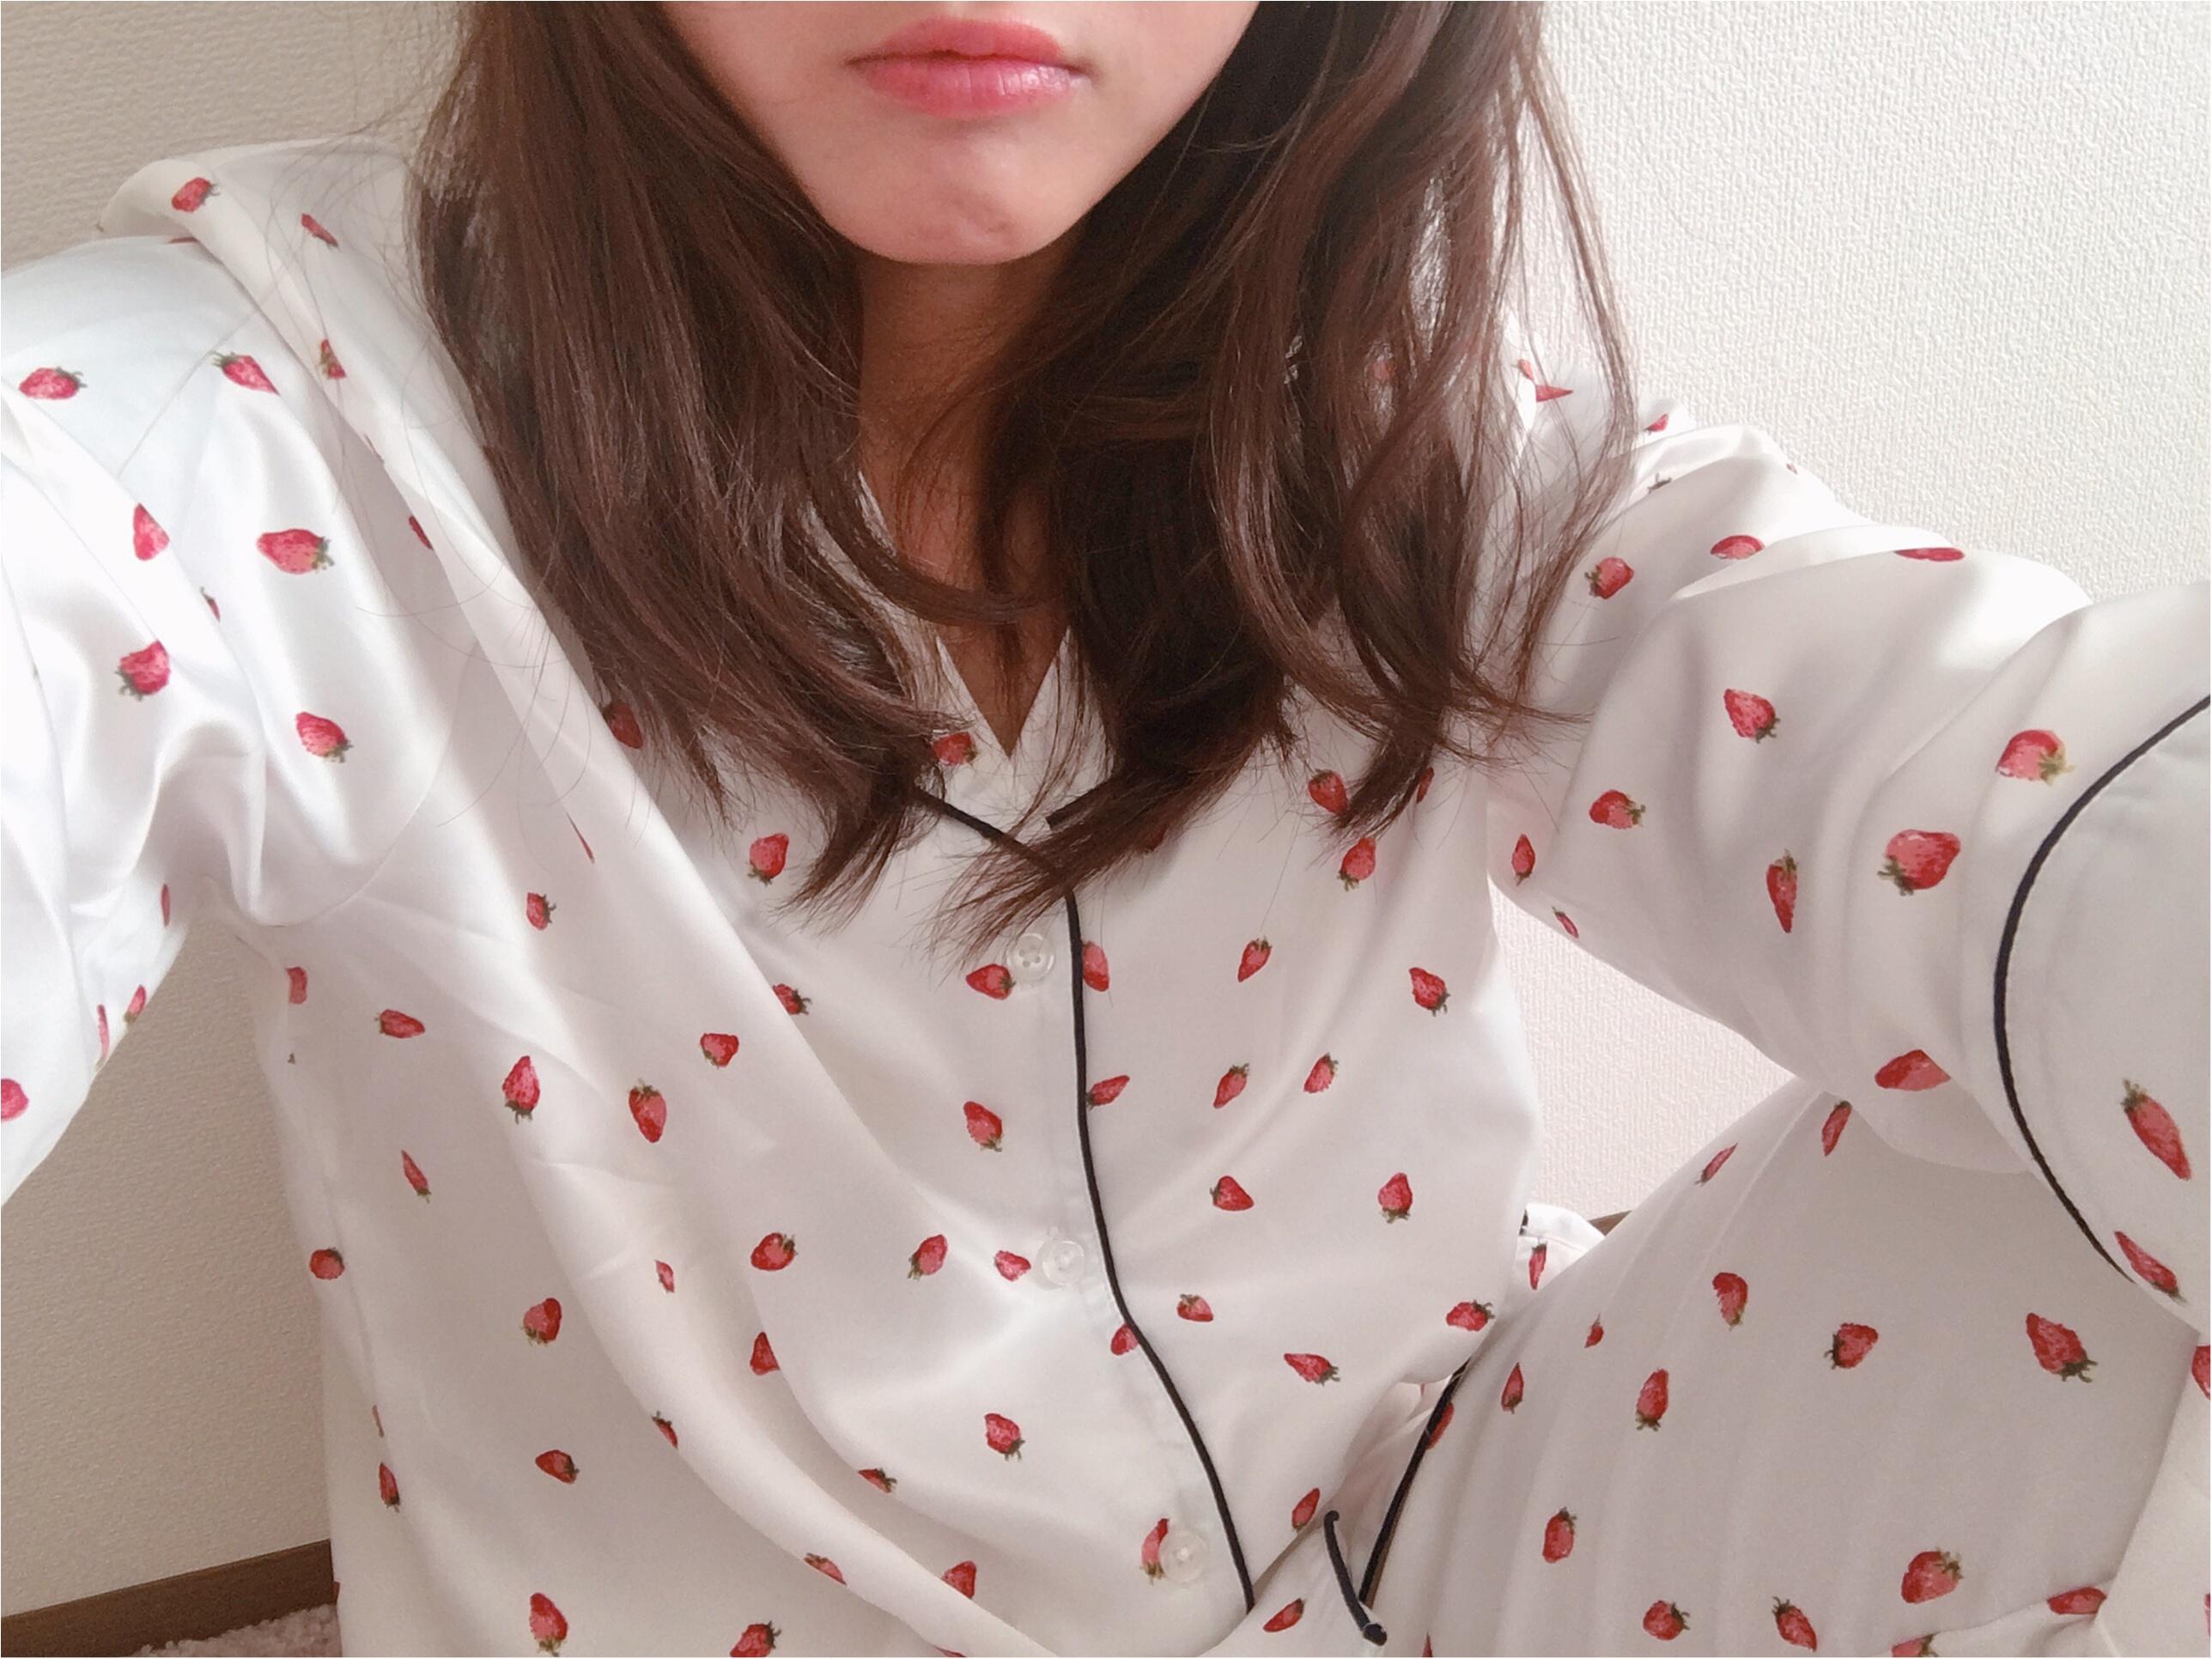 【GU(ジーユー)】いちごパジャマがかわいすぎて春が待ち遠しい!_3